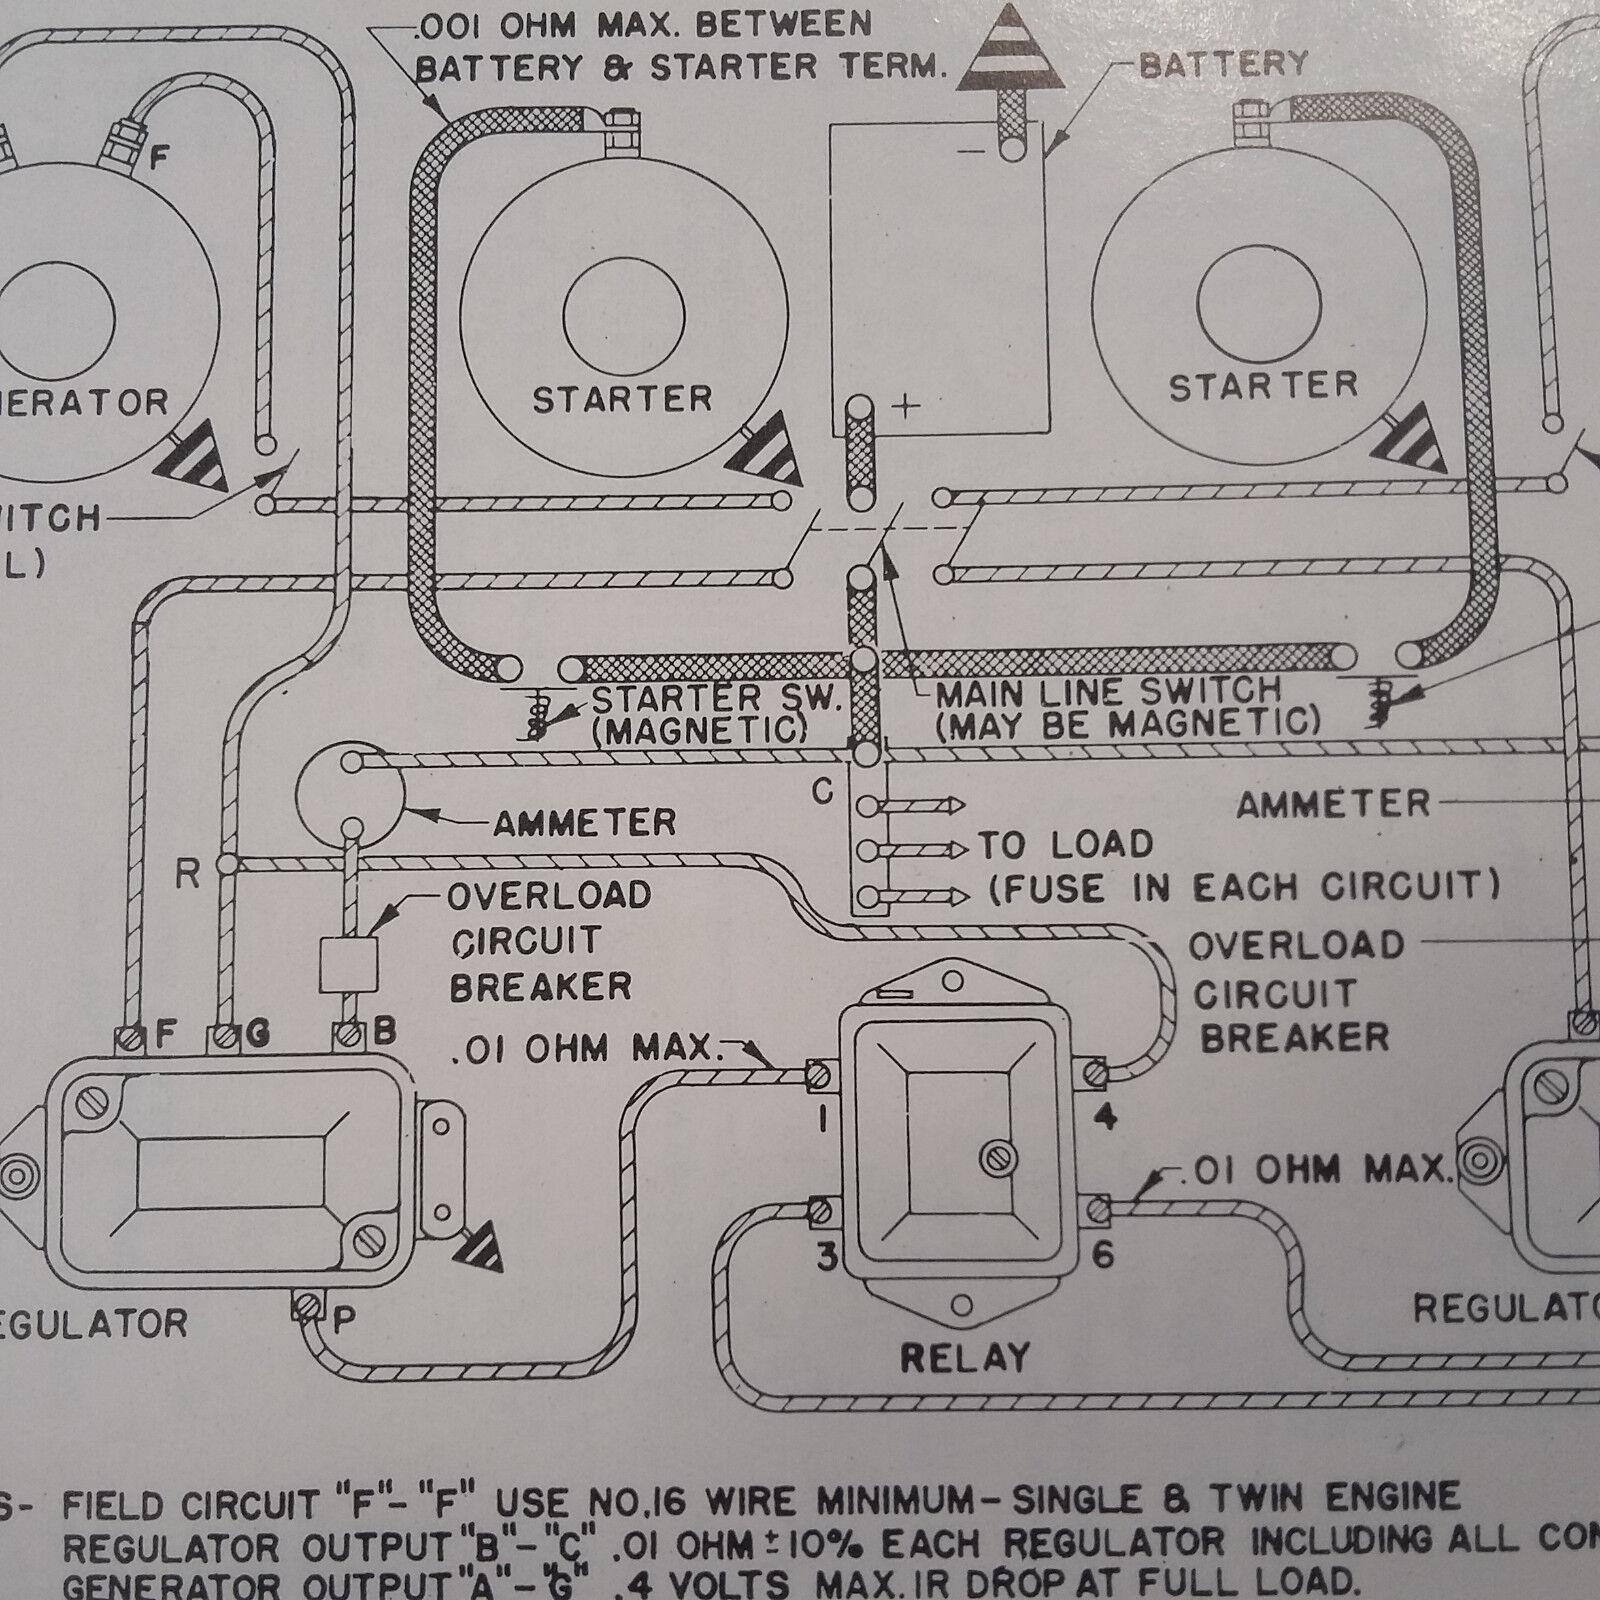 WRG-3991] Hovercraft Rotax 503 Engine Diagram